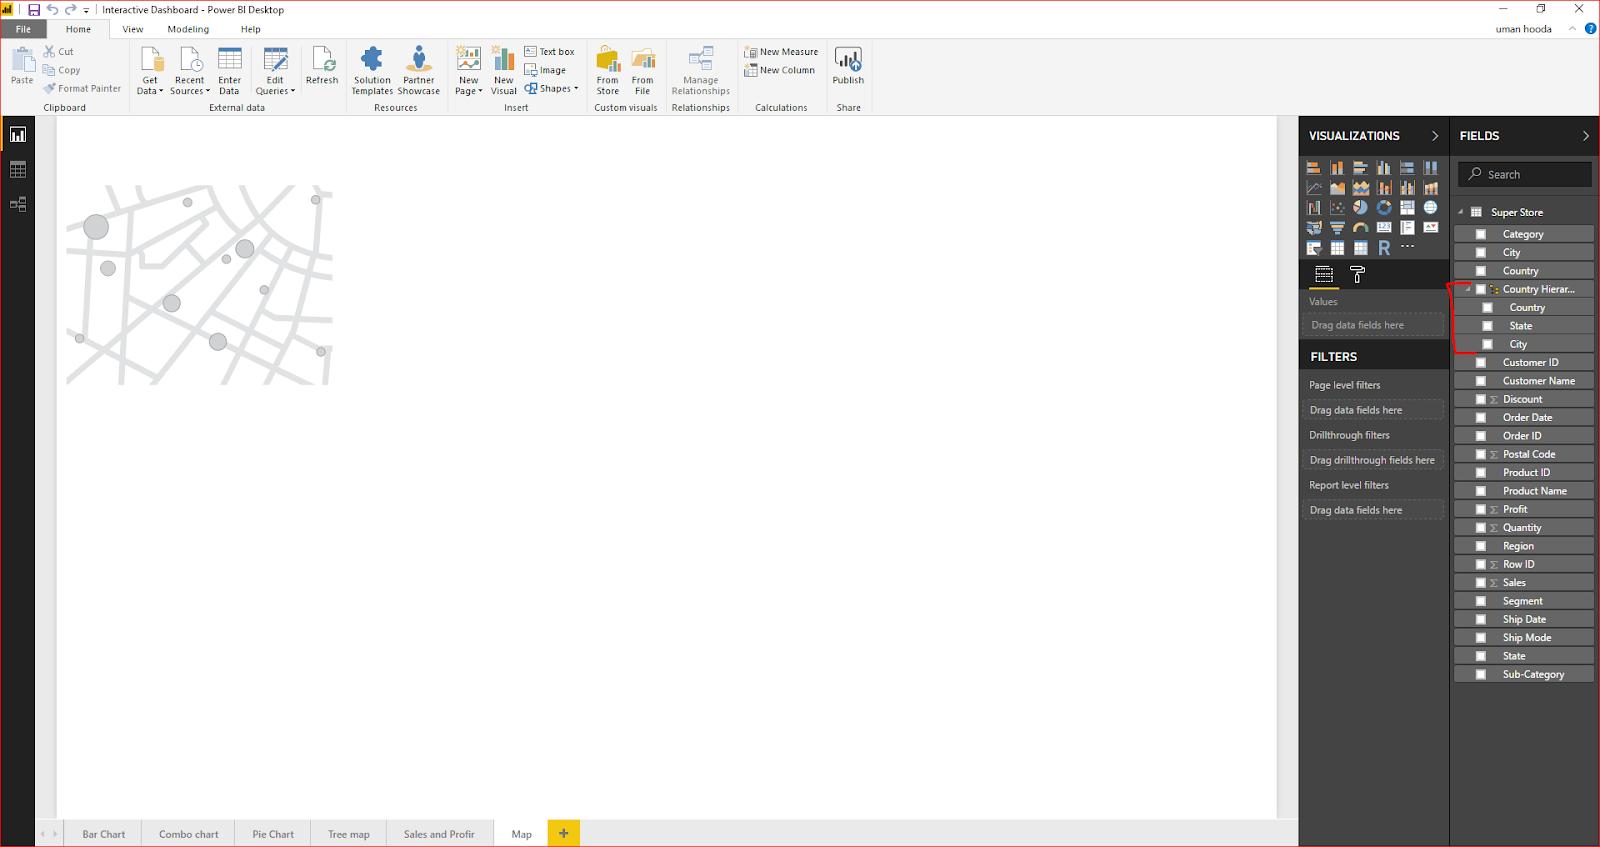 Interactive Dashboard In Microsoft Power BI 50